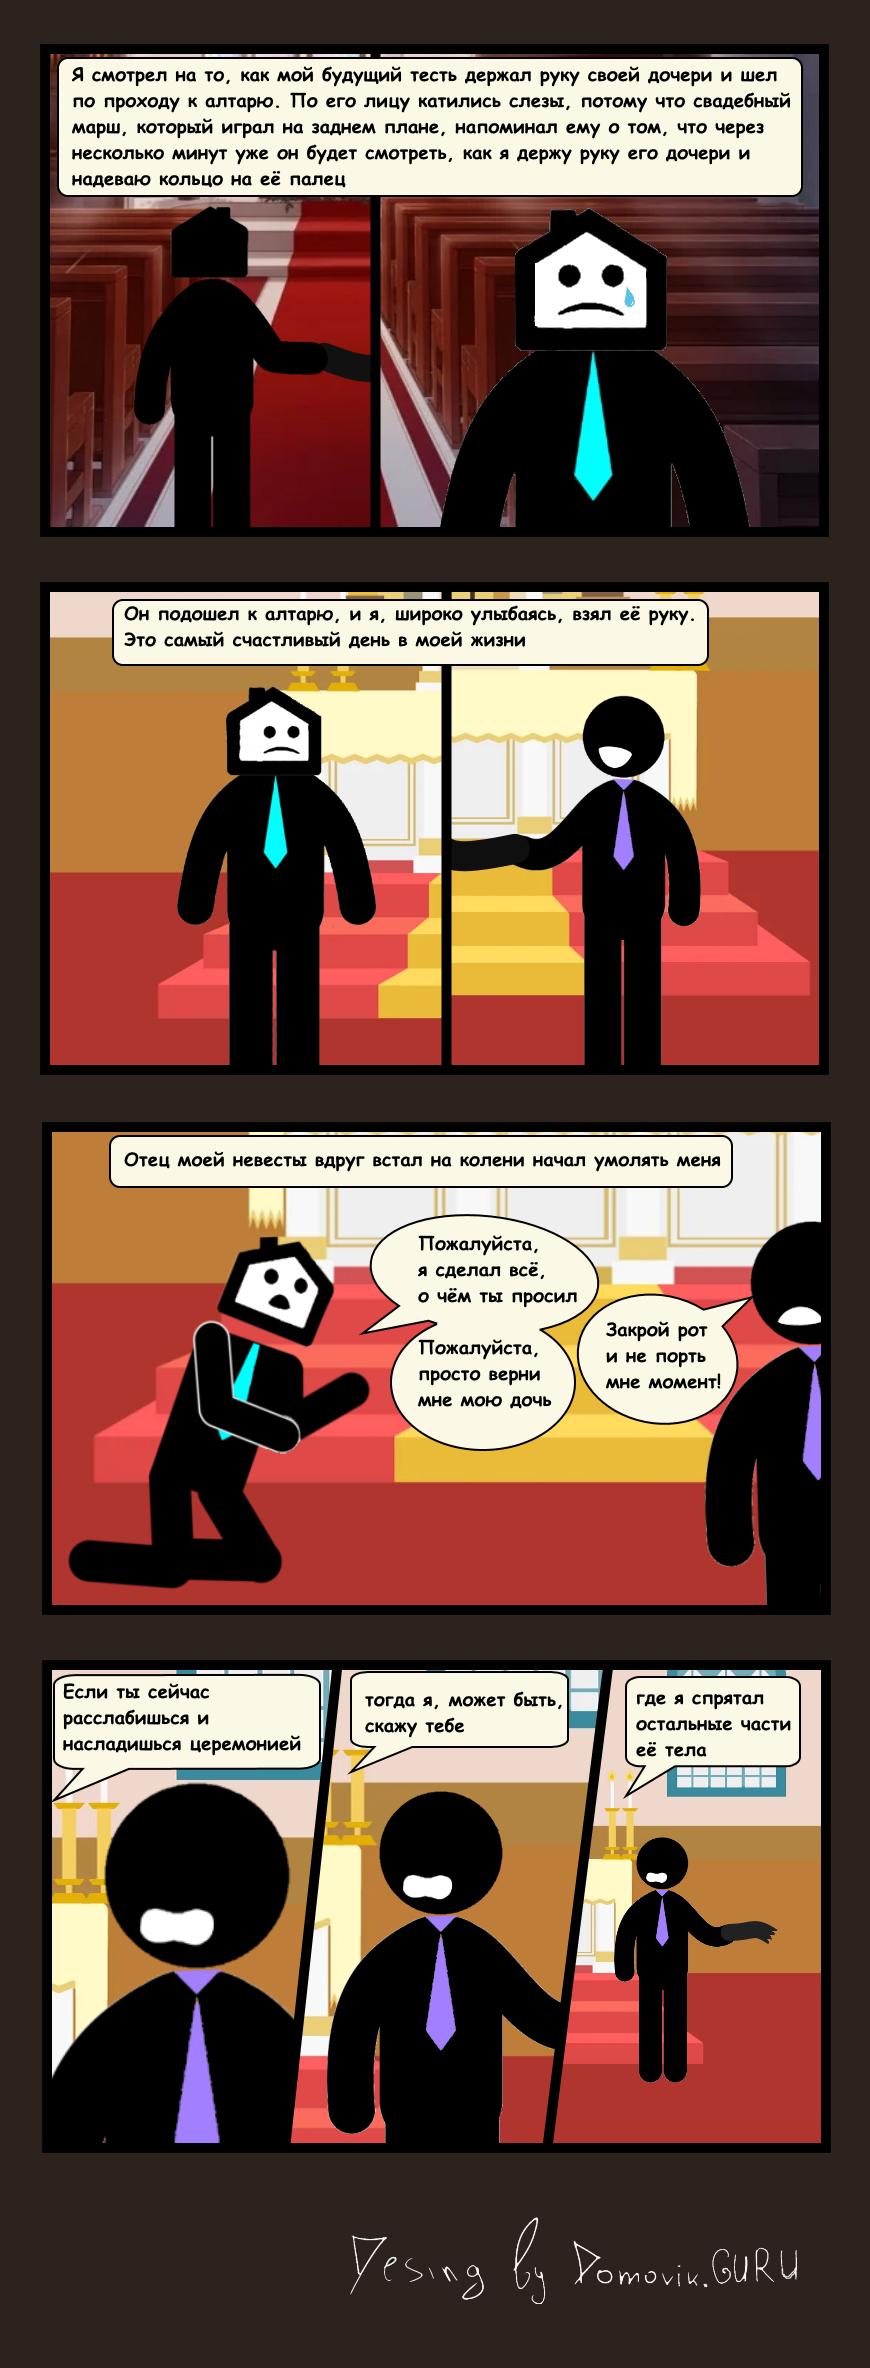 Cвадебная церемония комикс